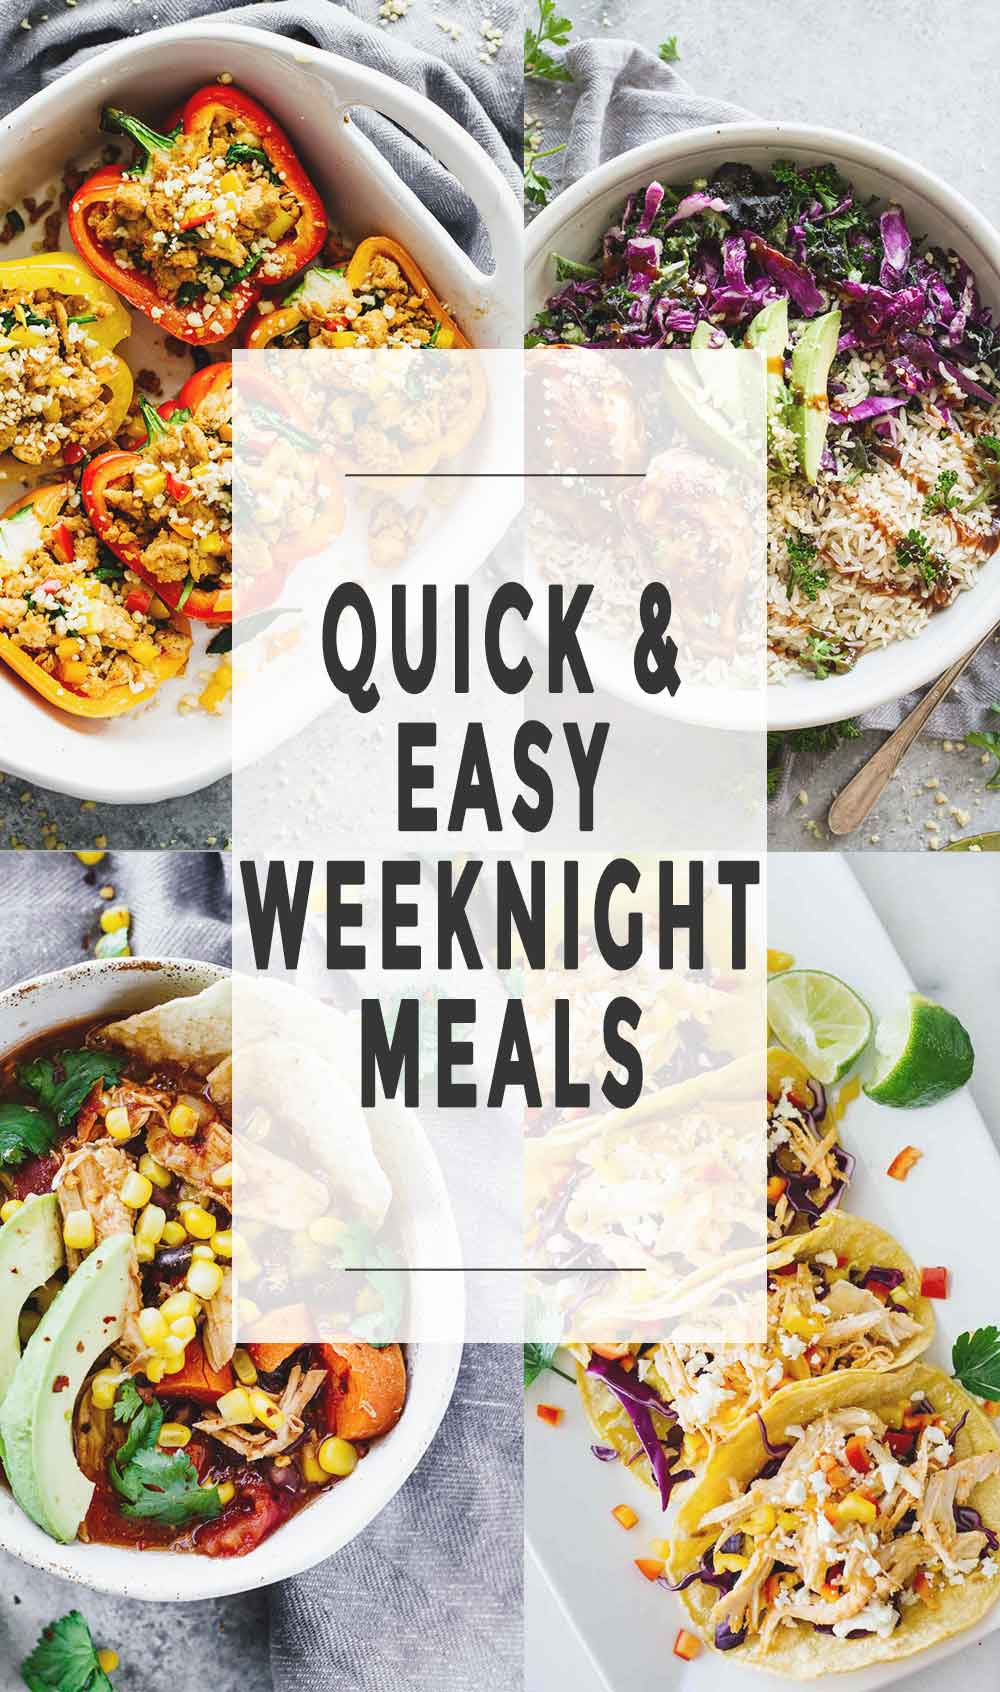 Easy Healthy Weeknight Dinners  Quick & Easy Weeknight Meals Jar Lemons